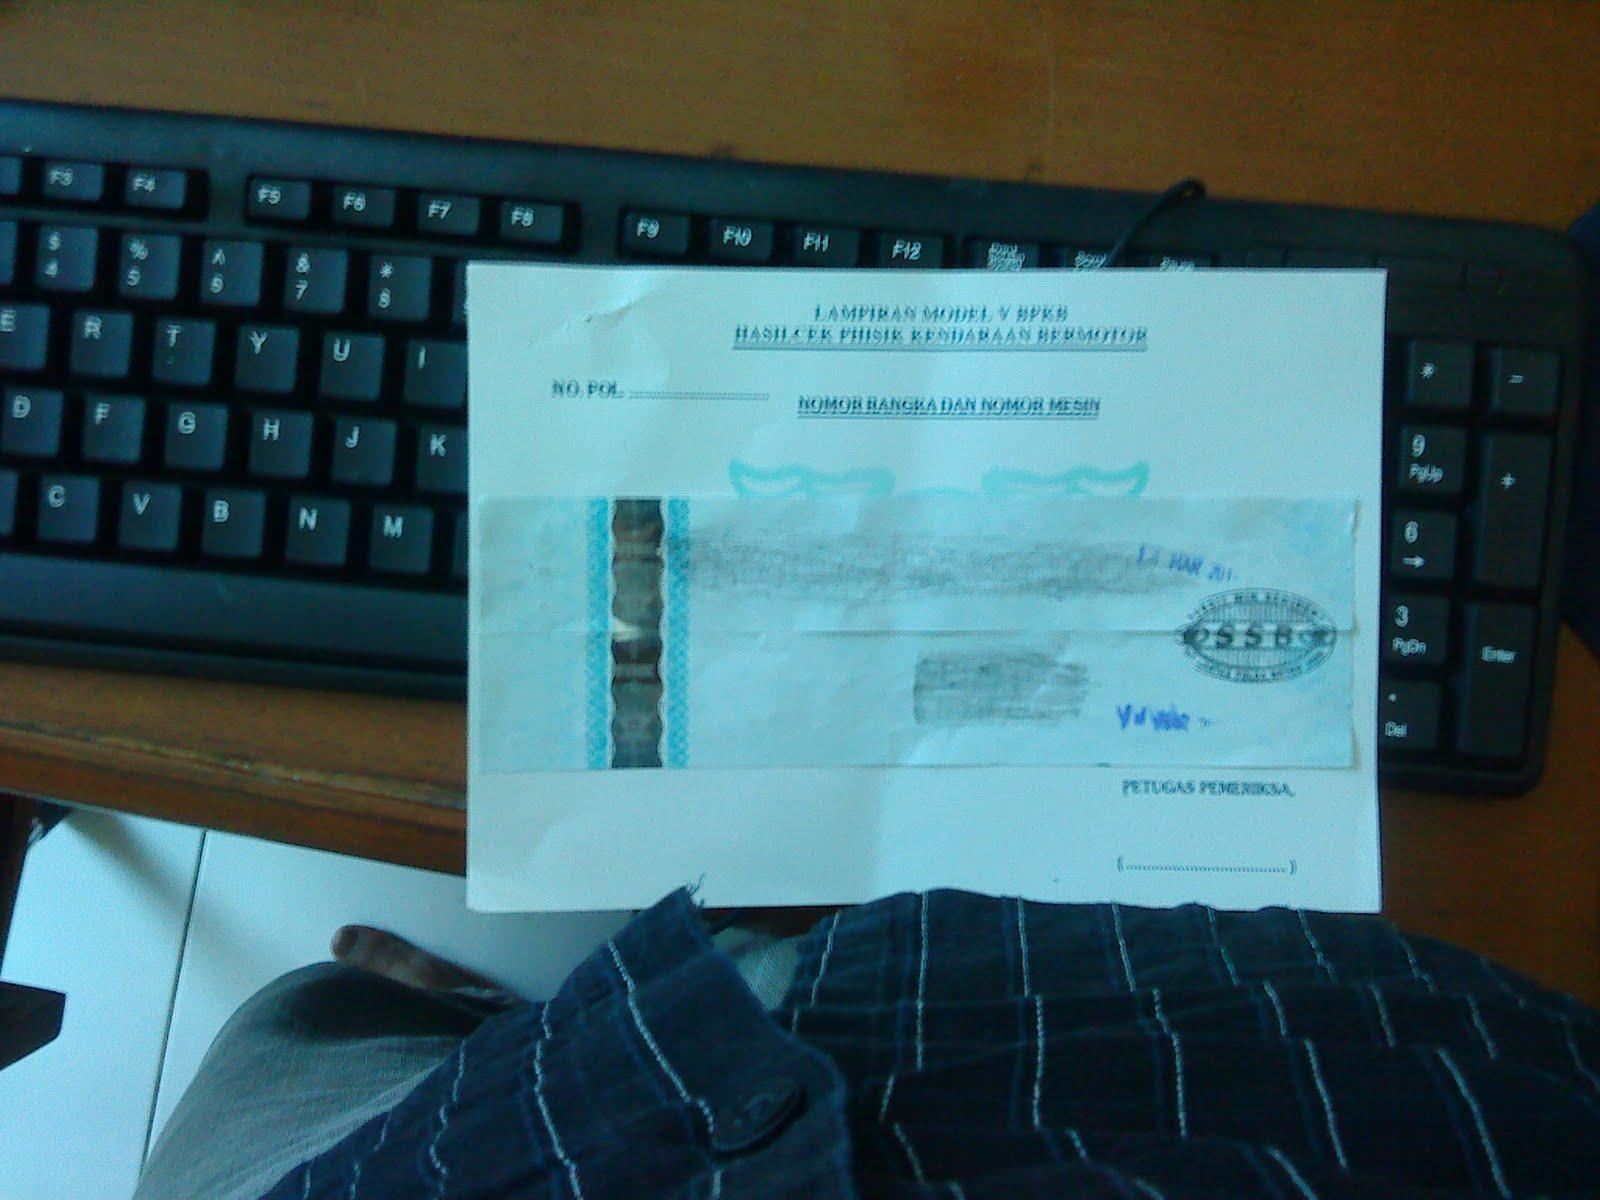 letak nomor mesin dan nomor rangka | letak nomor mesin dan nomor